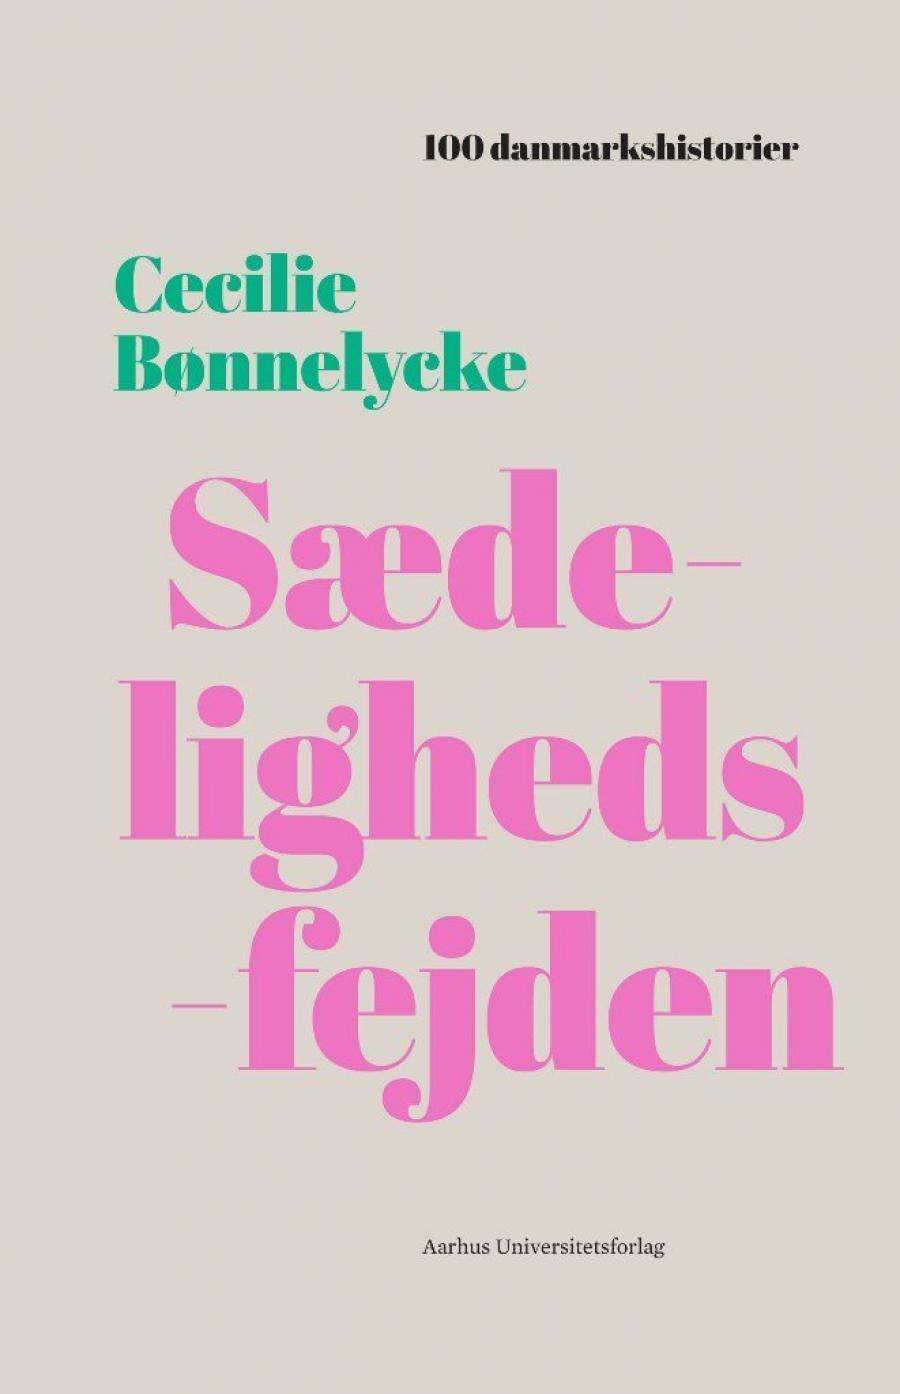 Billede af bogen Sædelighedsfejden af Cecilie Bønnelycke